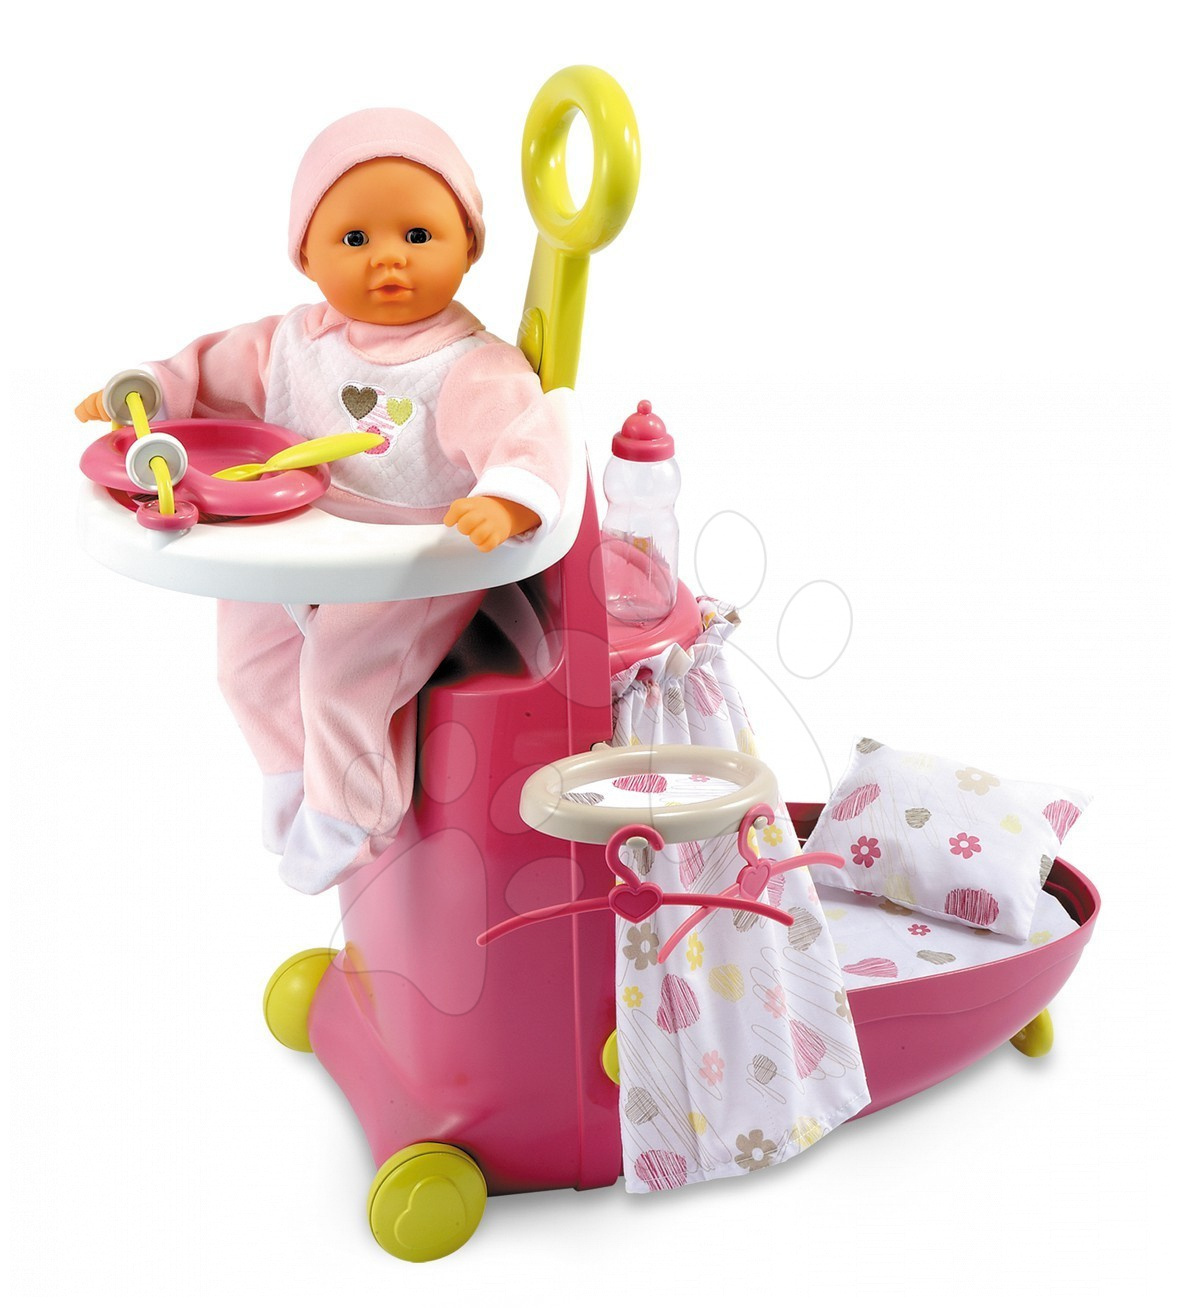 Produse vechi - Baby Nurse Smoby cărucior de îngrijire de la 18 luni